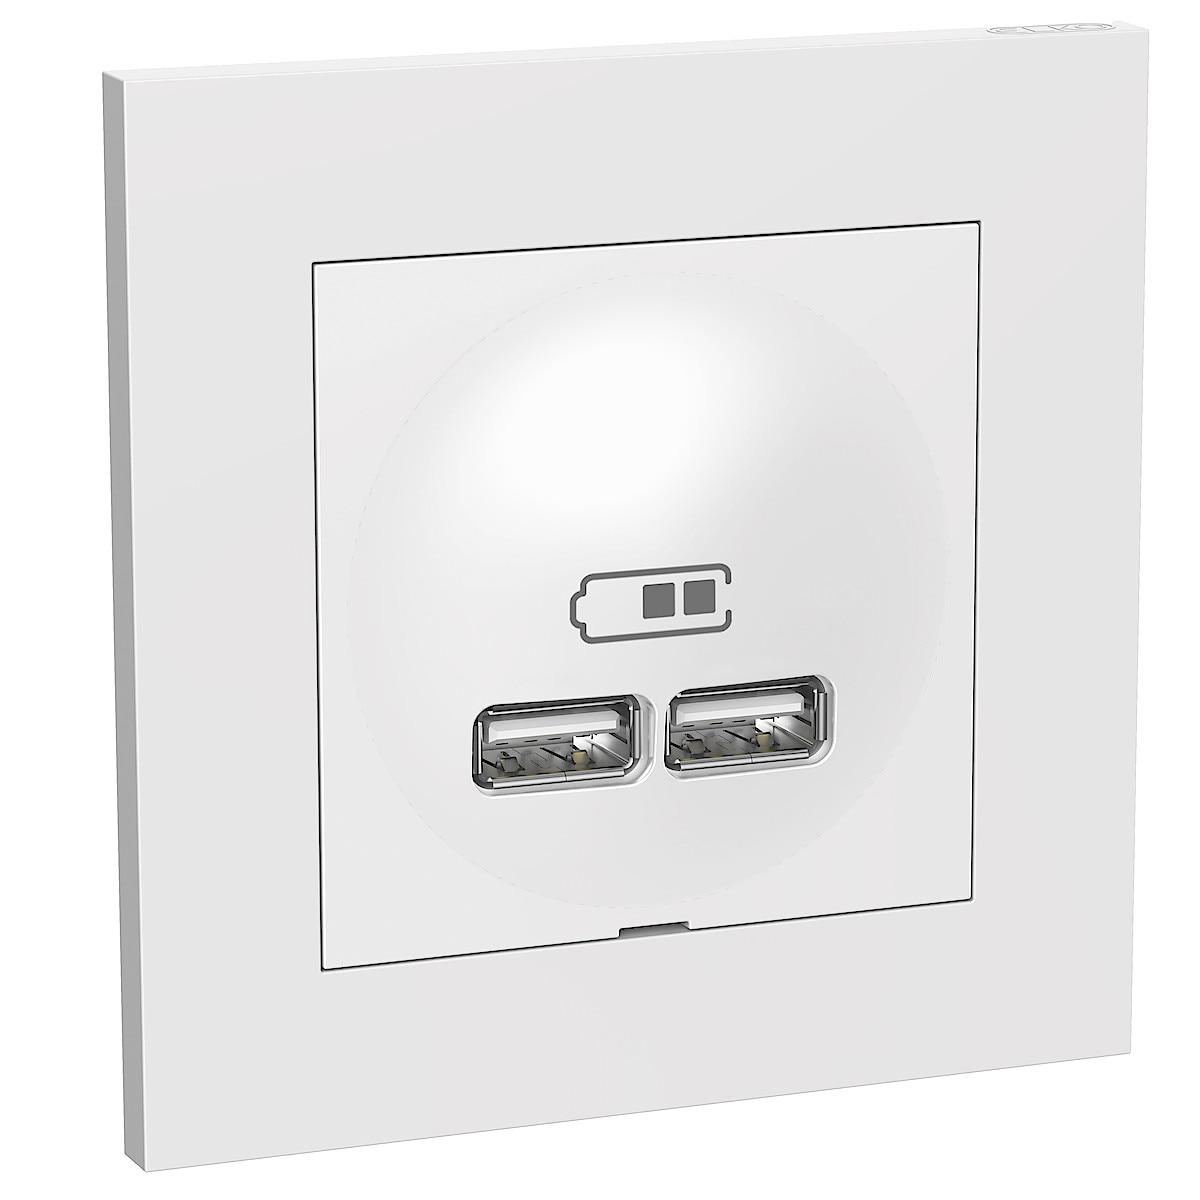 USB-ladduttag Elko Plus